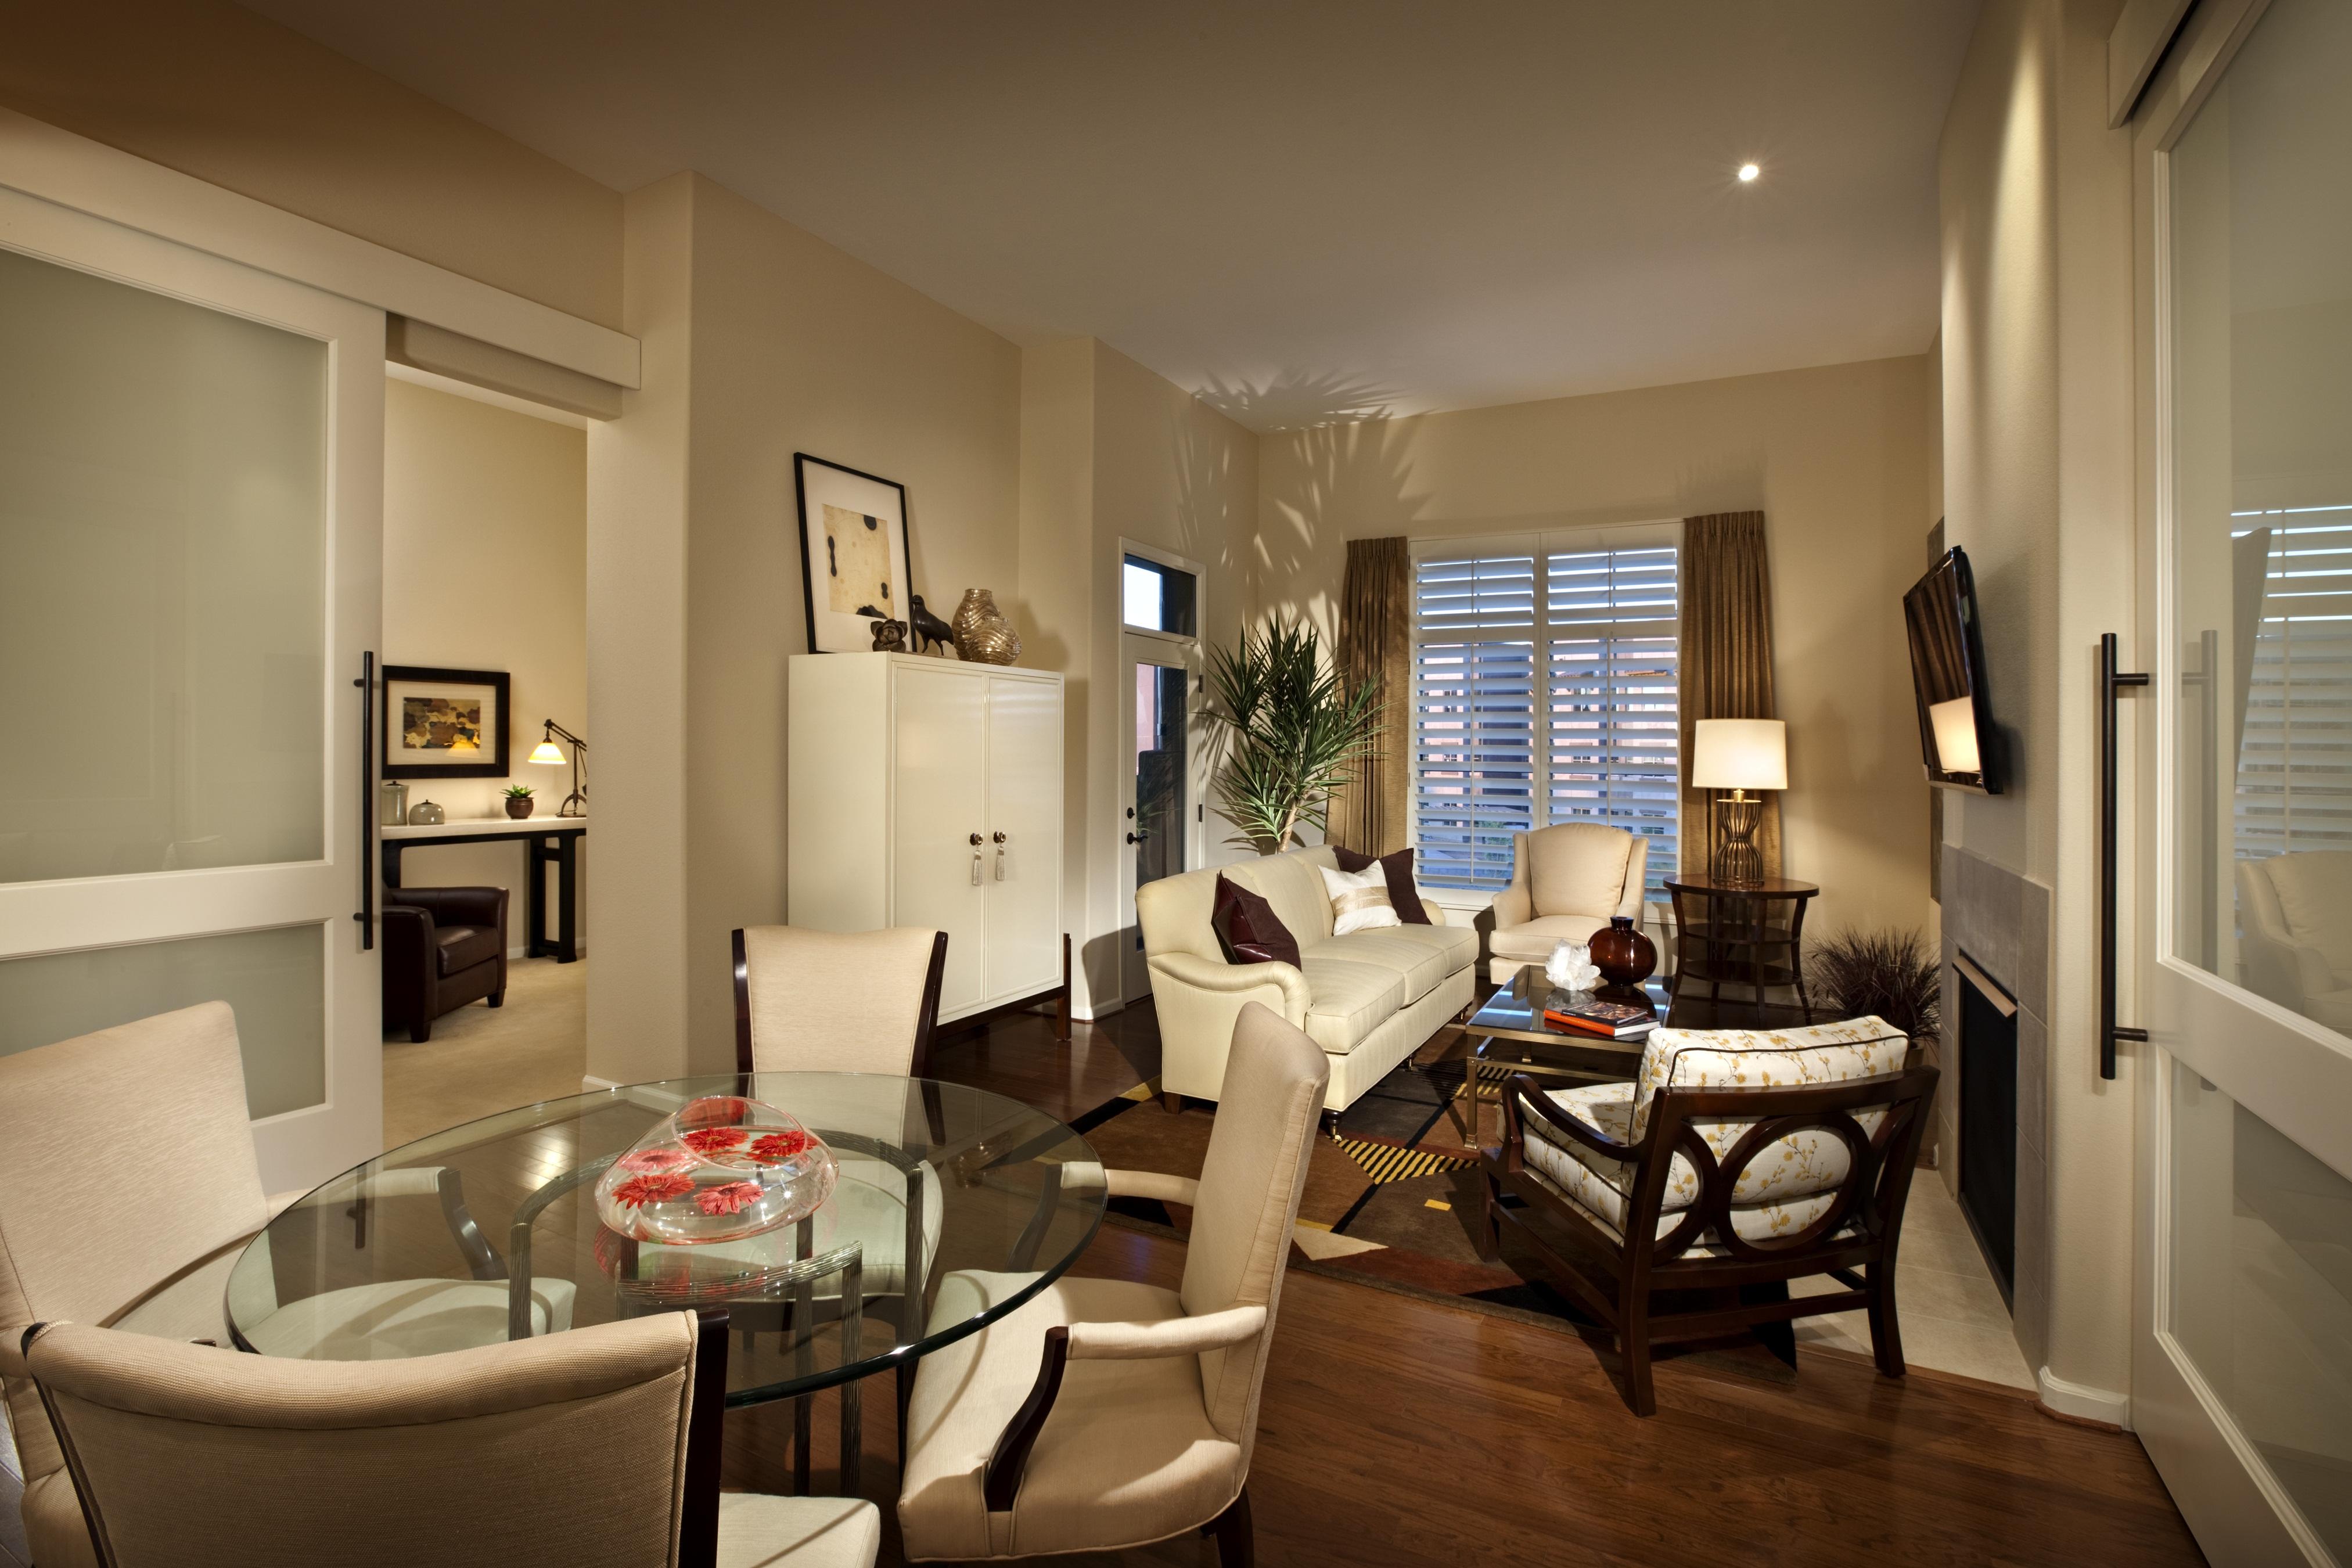 Ruang Tamu Klasik Traditional Gaya Victorian Dengan Perabot Gaya Accent